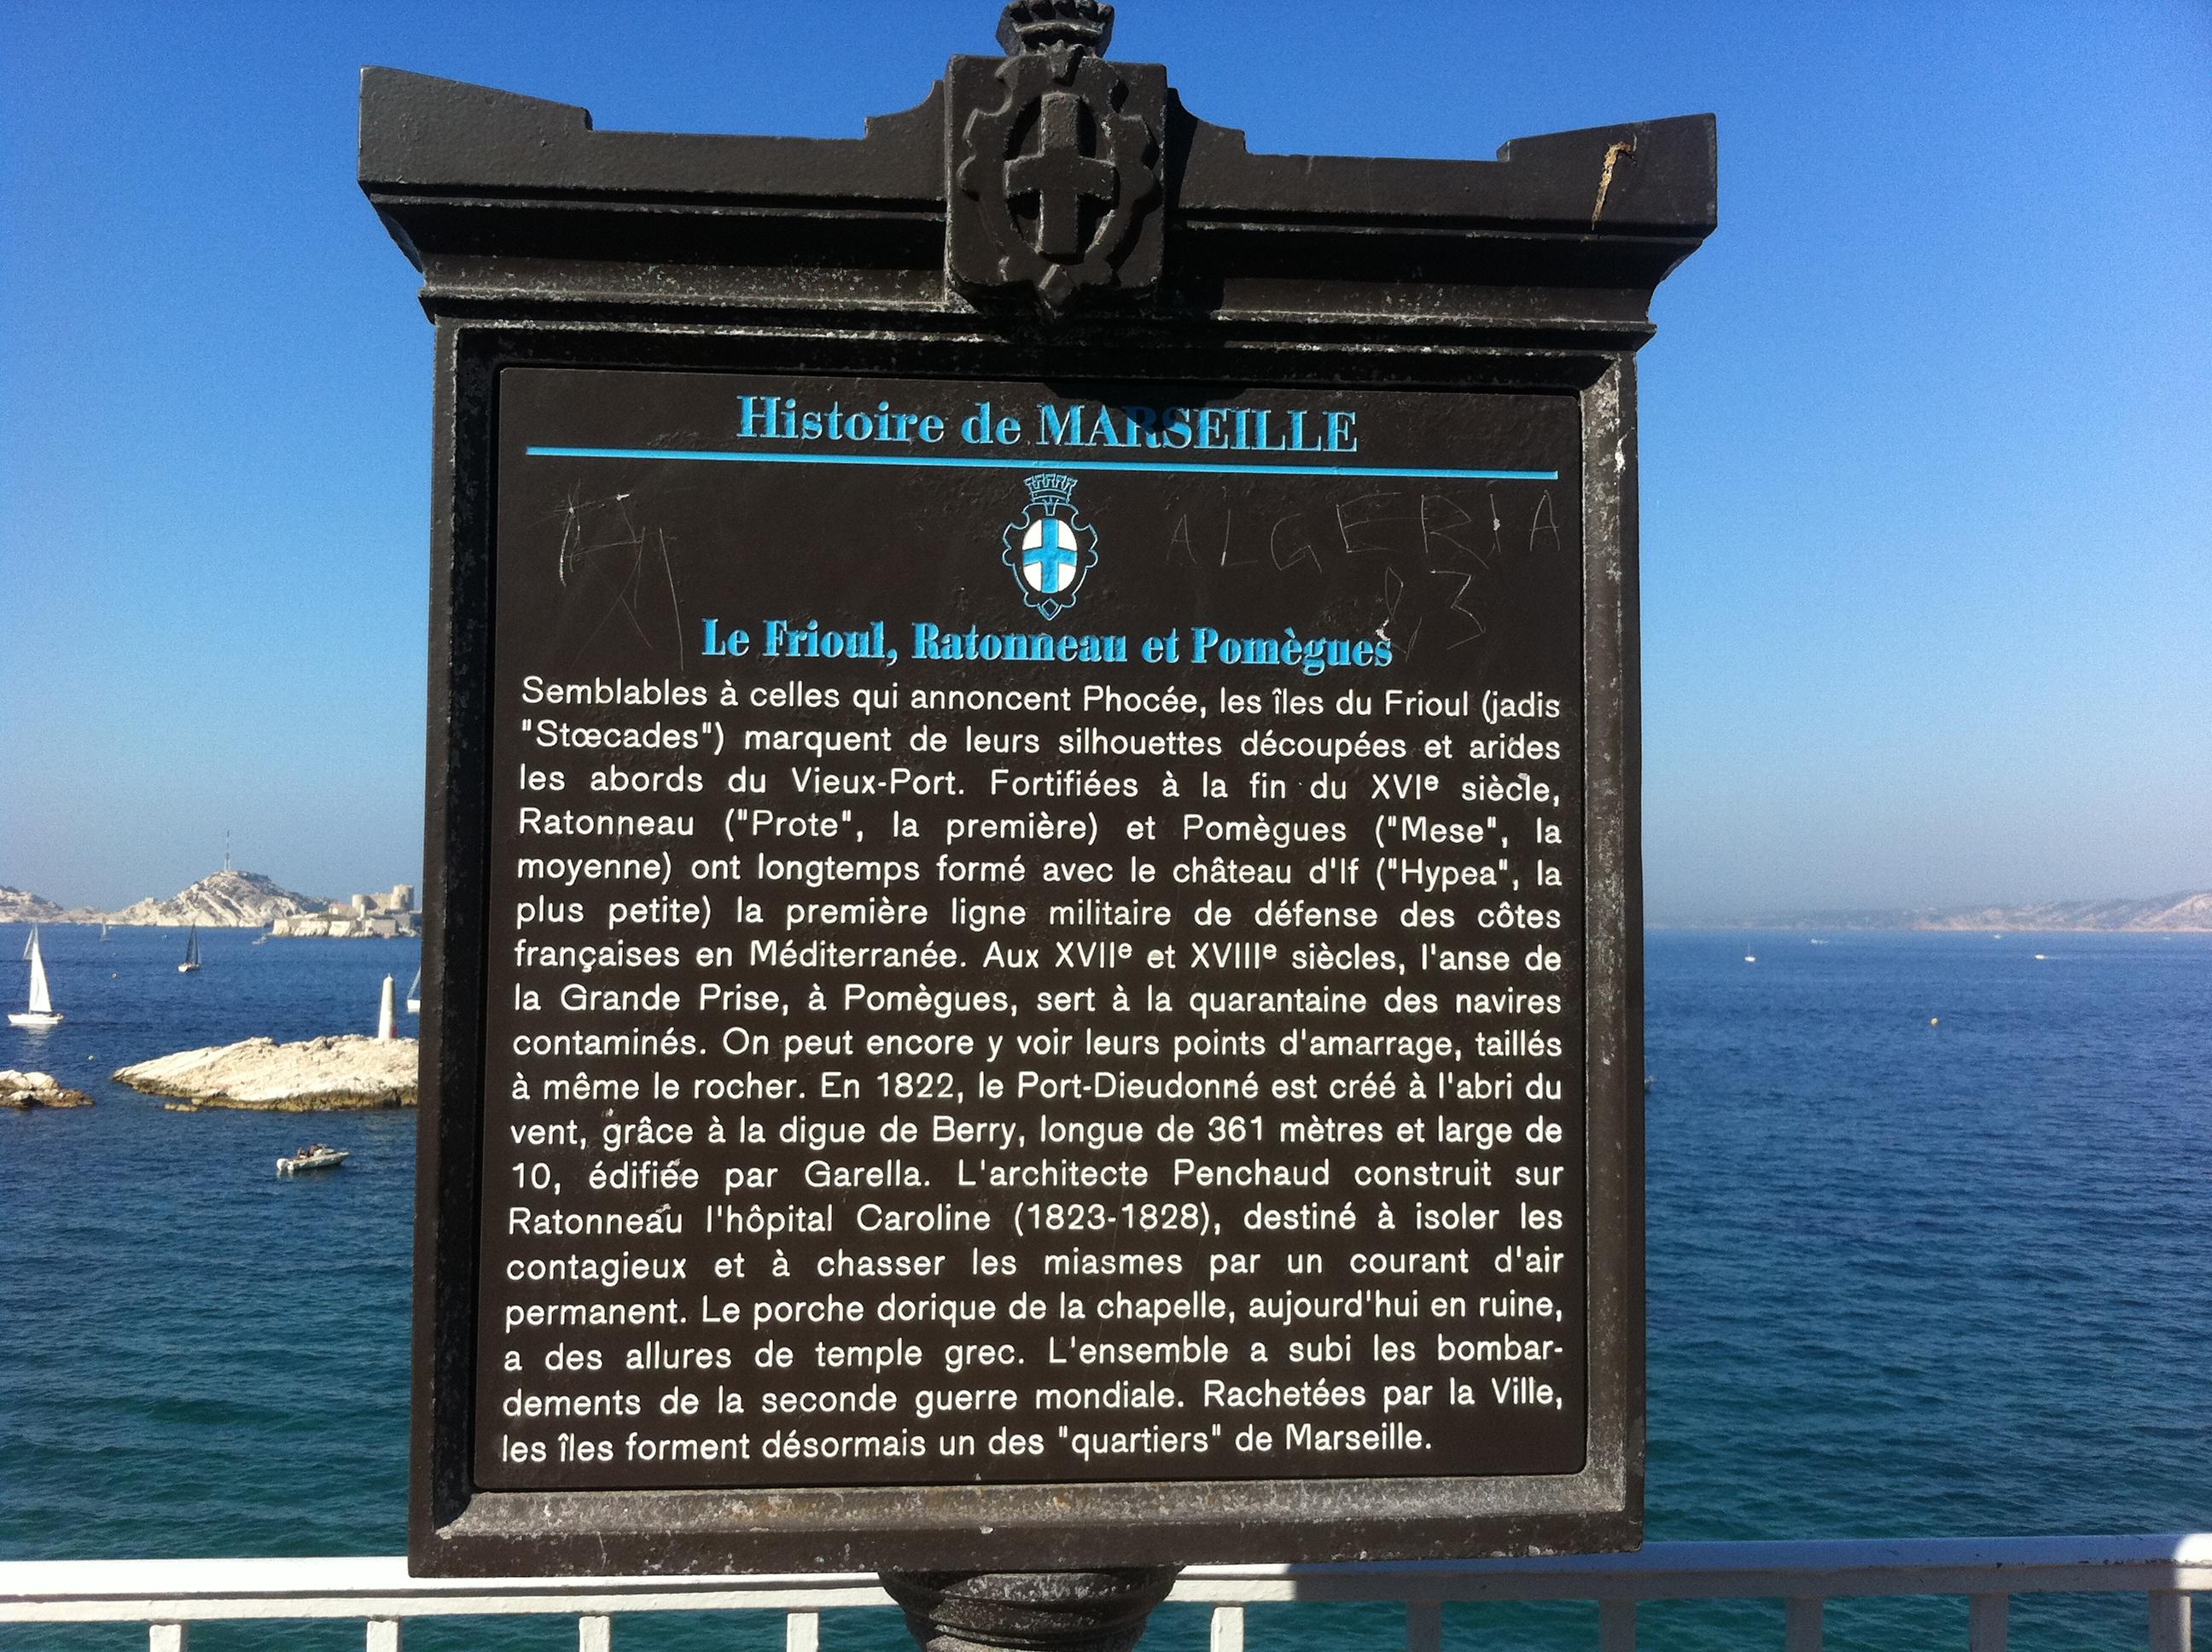 Pour le Weekend : Visite de l'Archipel du Frioul !